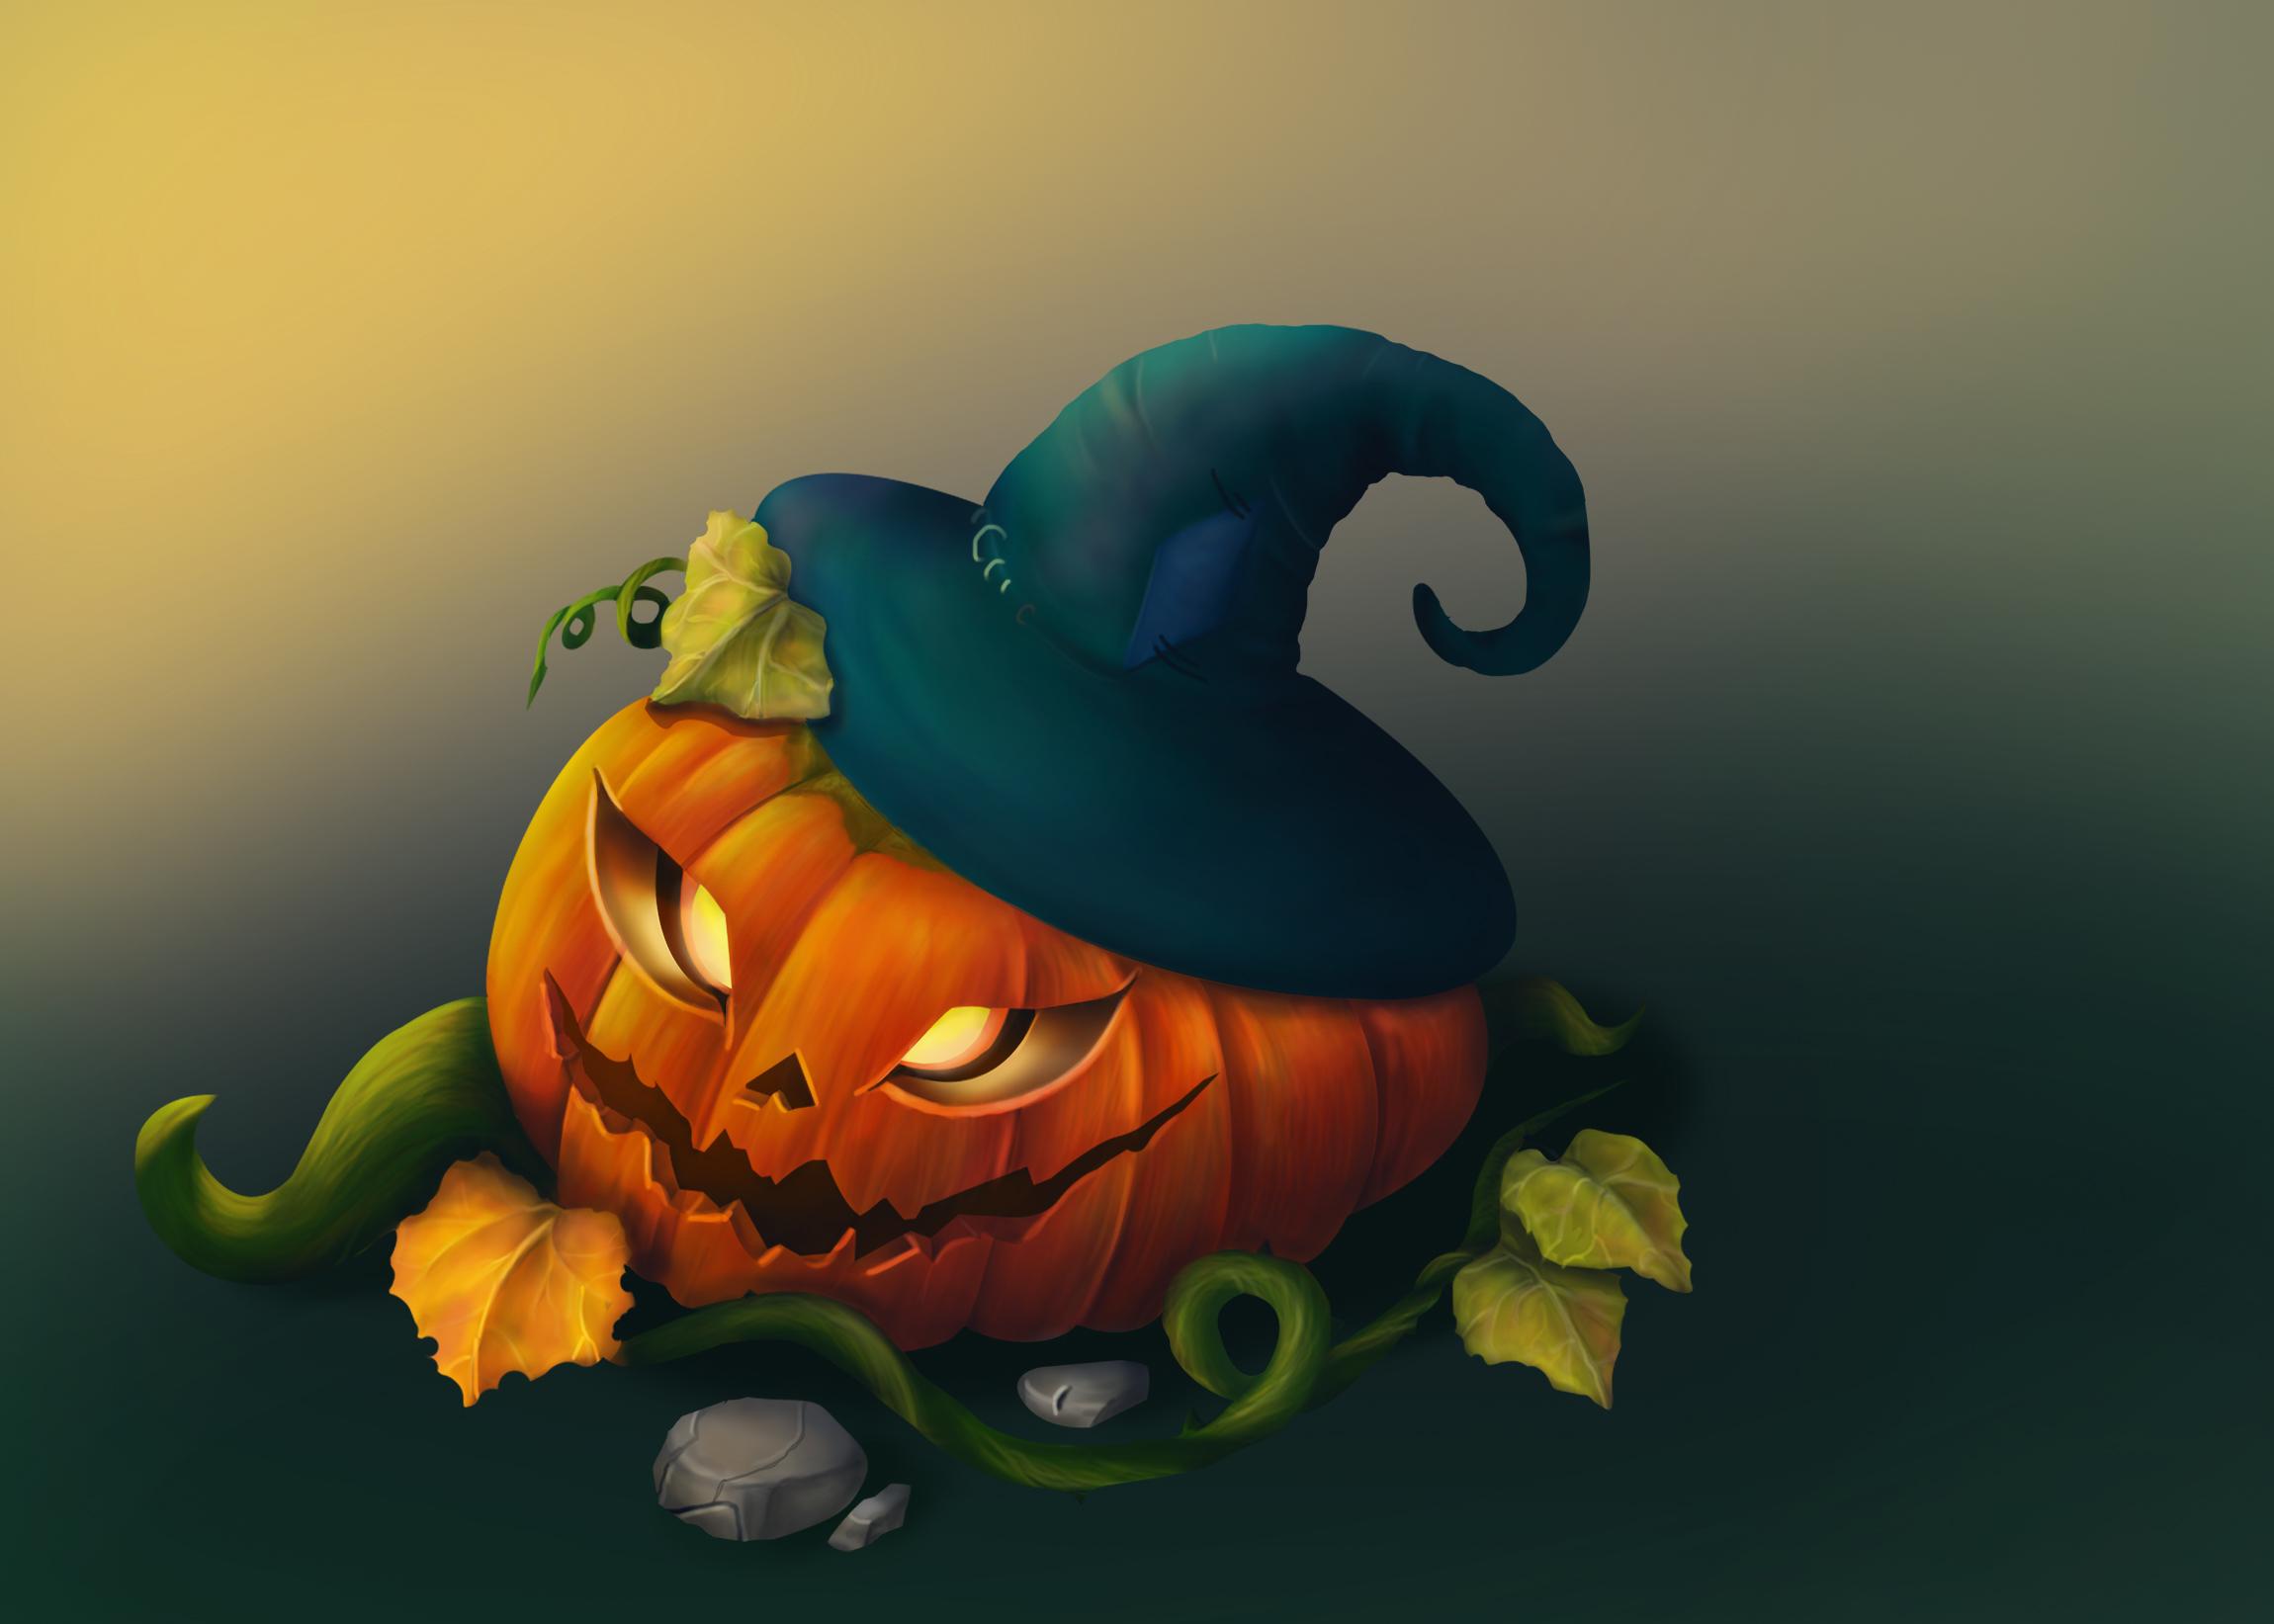 pumpkin 2   2D Casual ,Environment concept art, очень нужна оценка и мнение